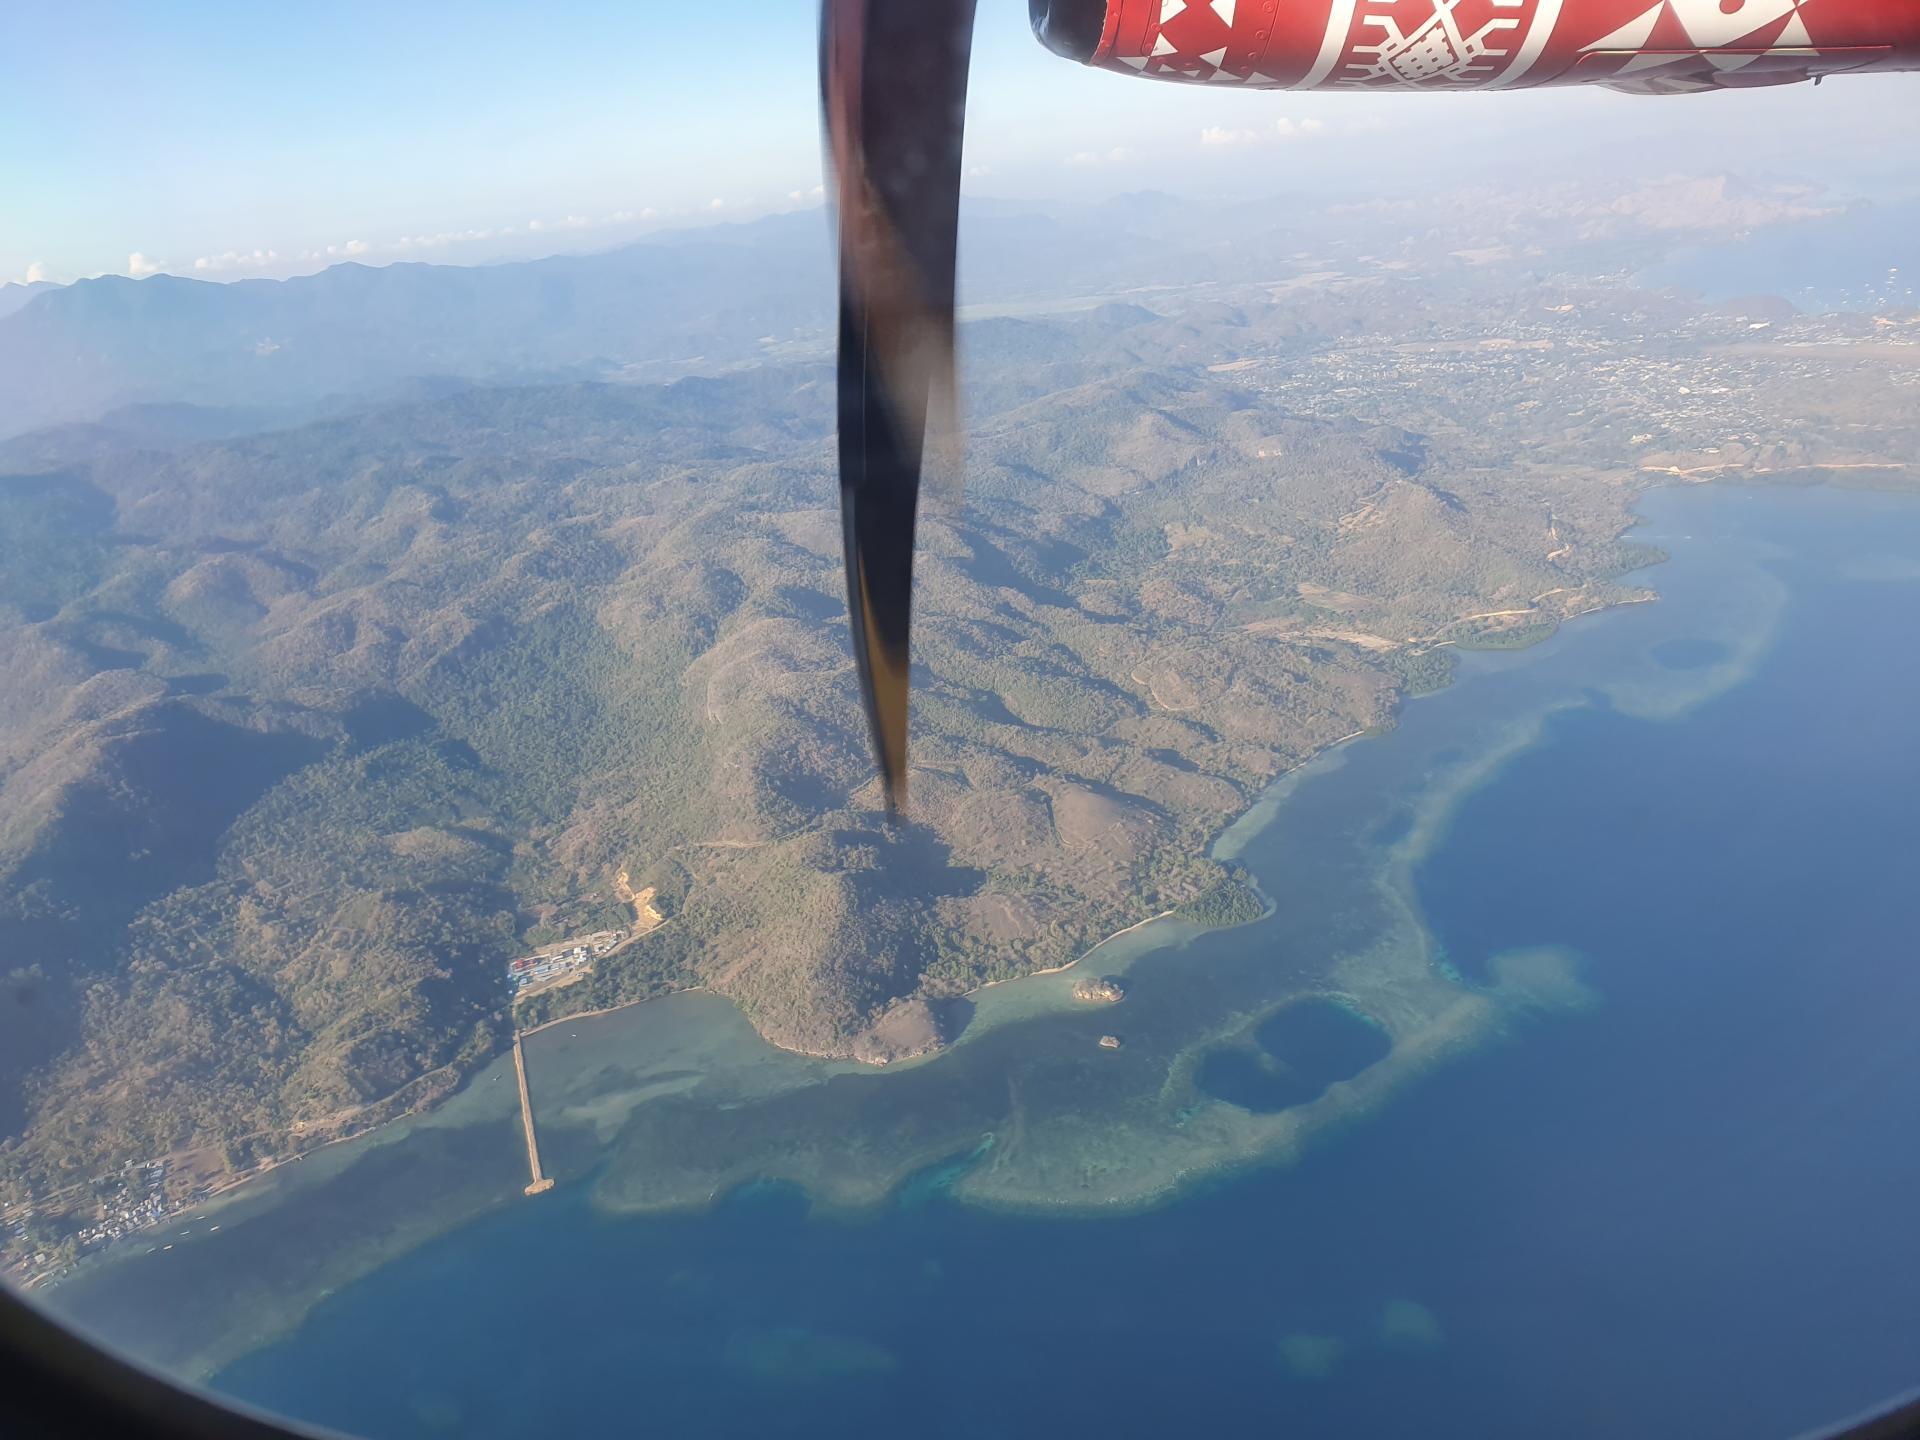 вид на остров Флорес с высоты полета турбовинтового самолета